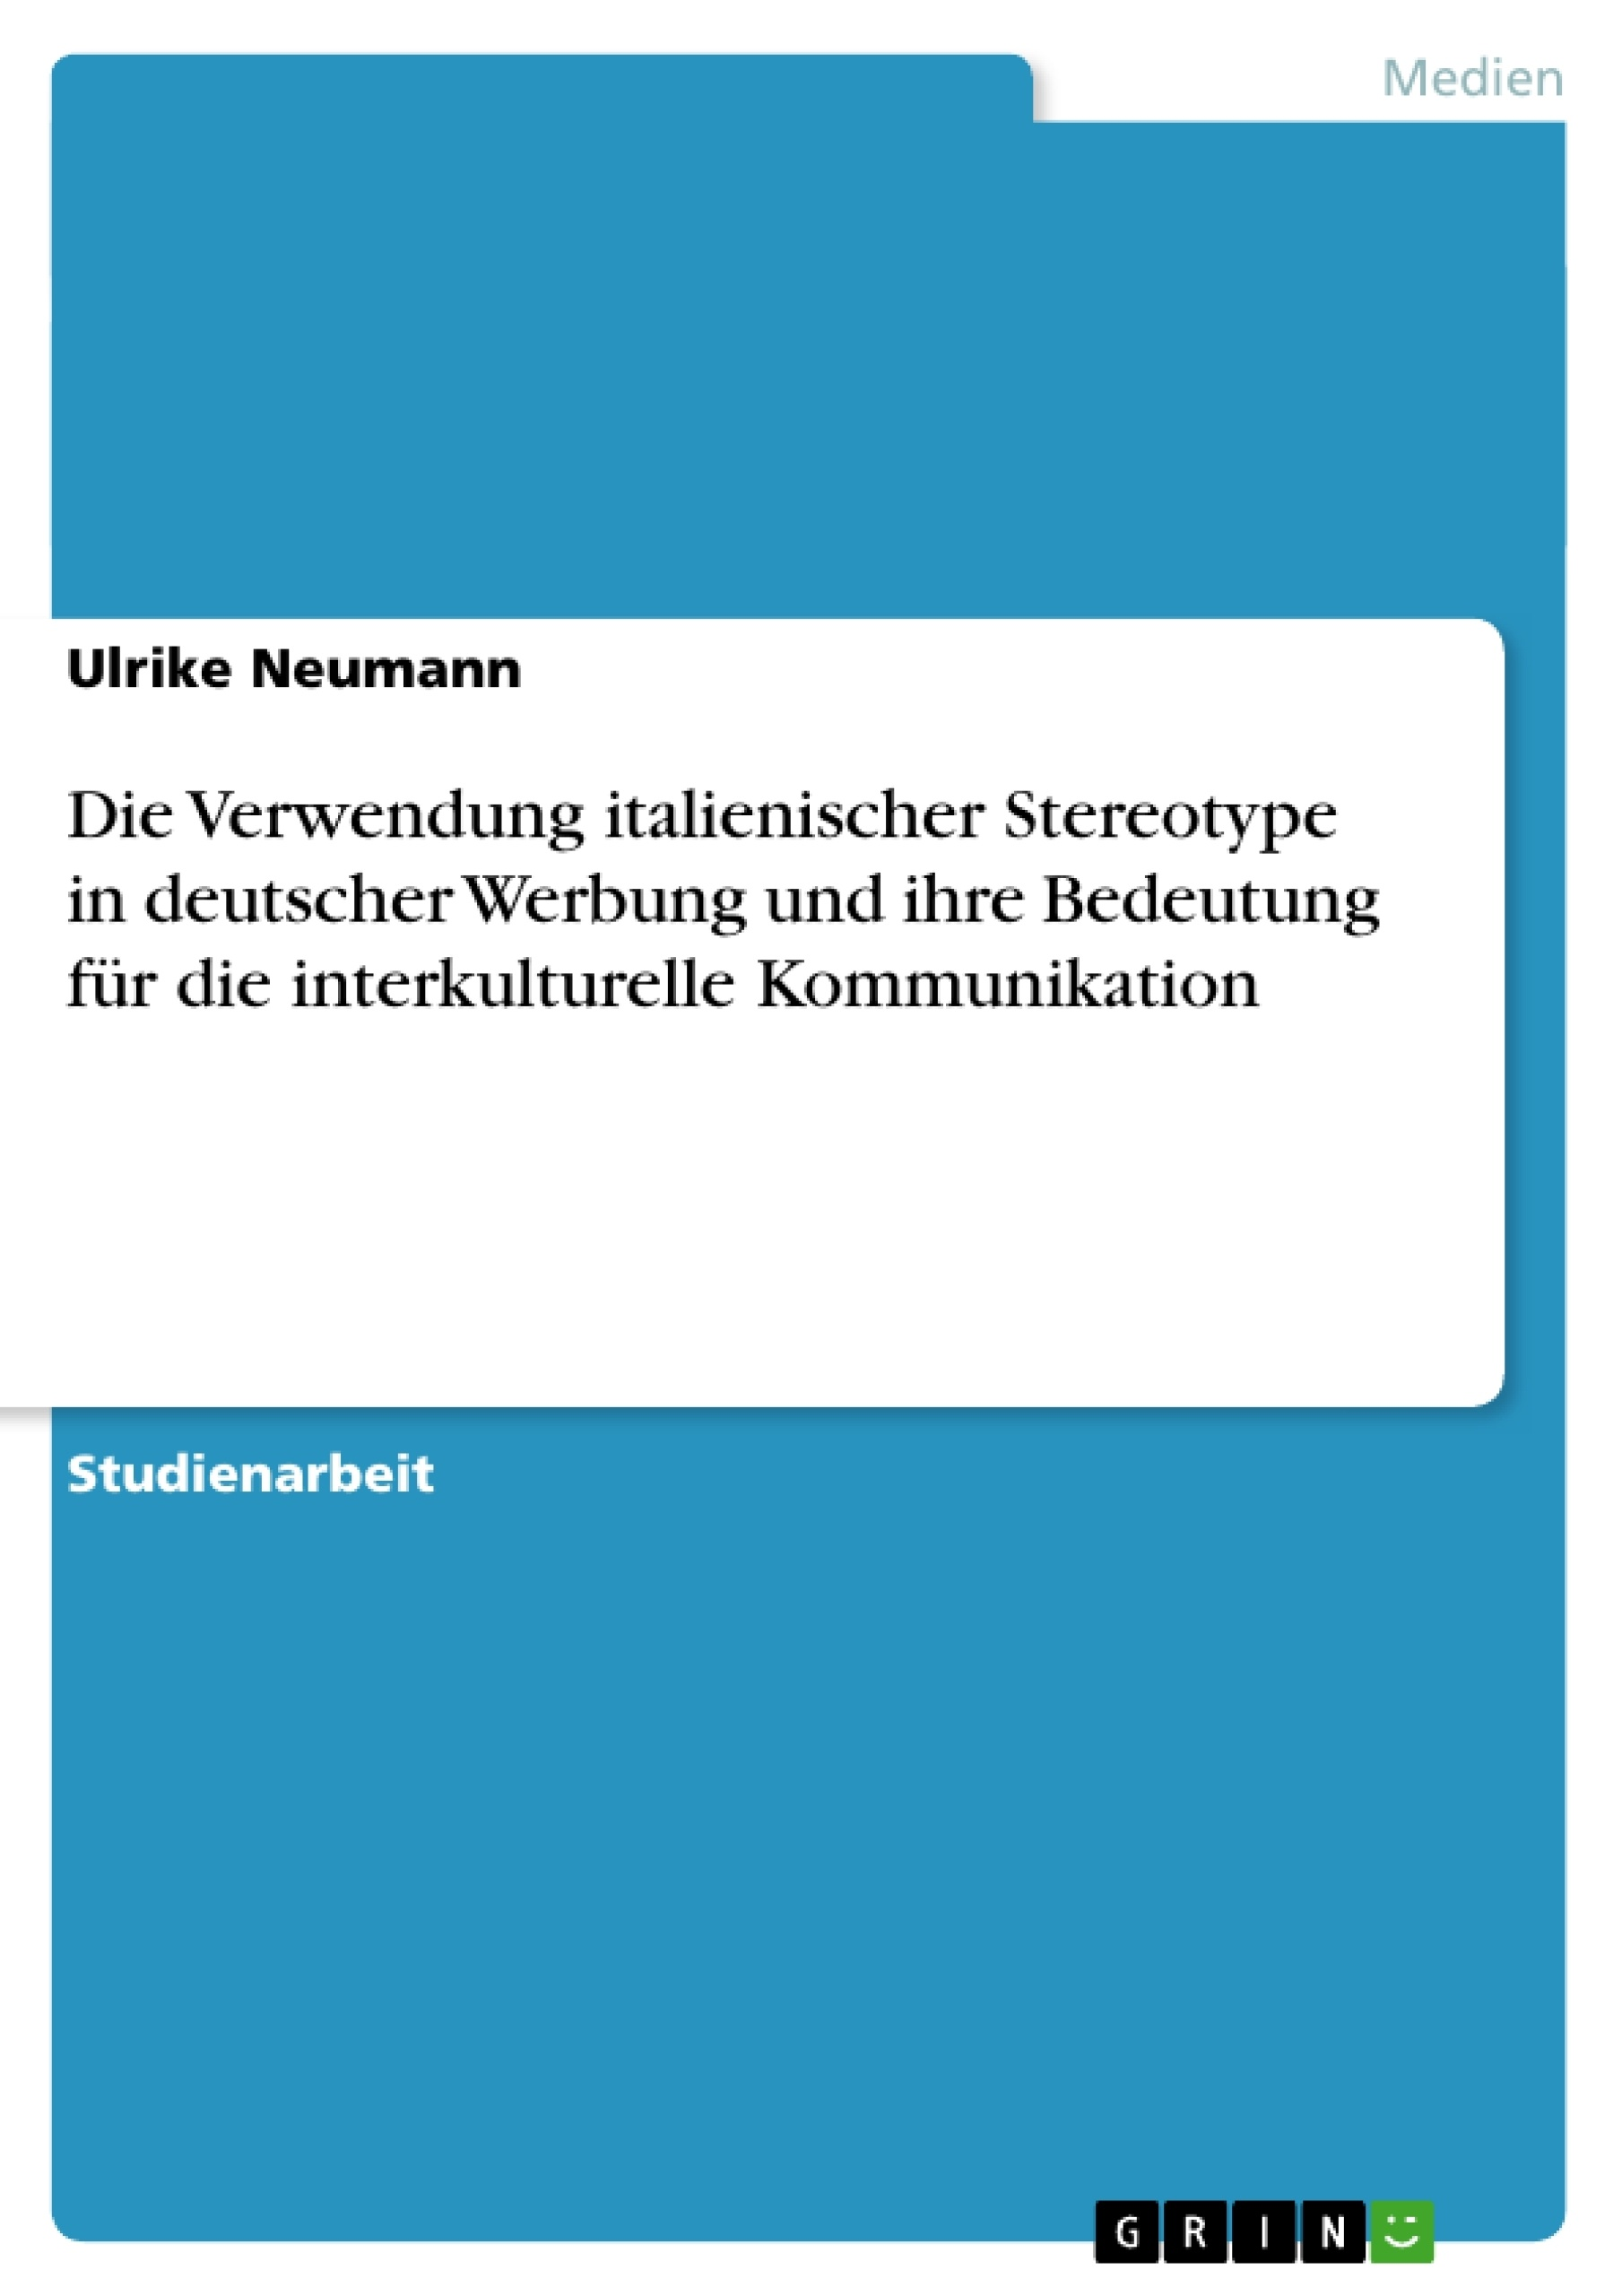 Titel: Die Verwendung italienischer Stereotype in deutscher Werbung und ihre Bedeutung für die interkulturelle Kommunikation